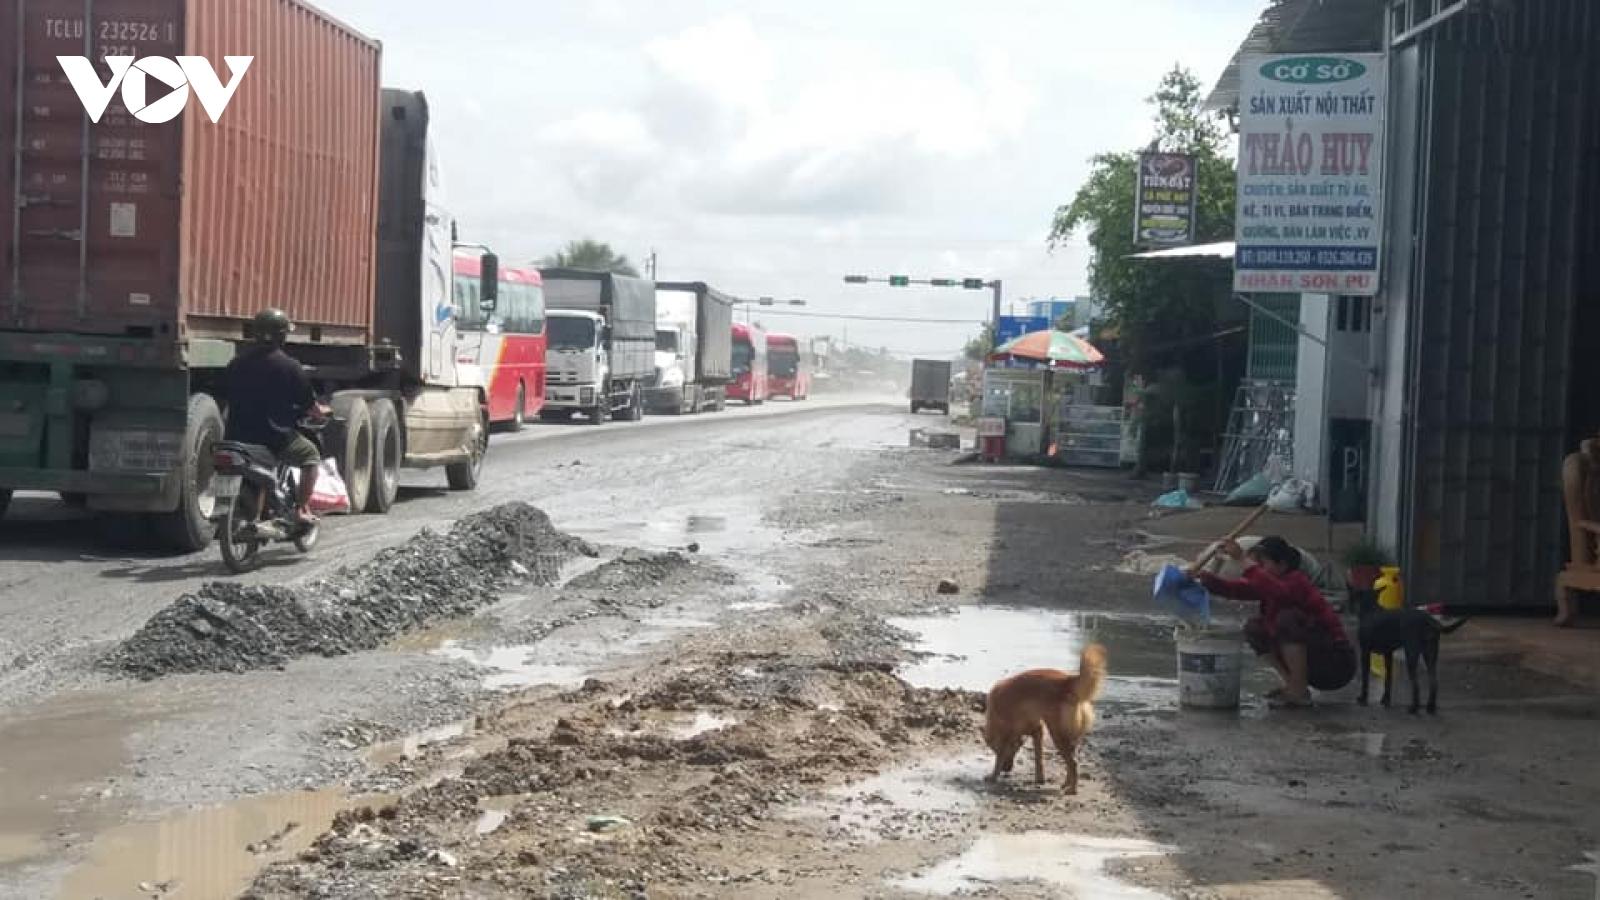 Tuyến tránh Cai Lậy hư hỏng nặng, bất ổn về an toàn giao thông